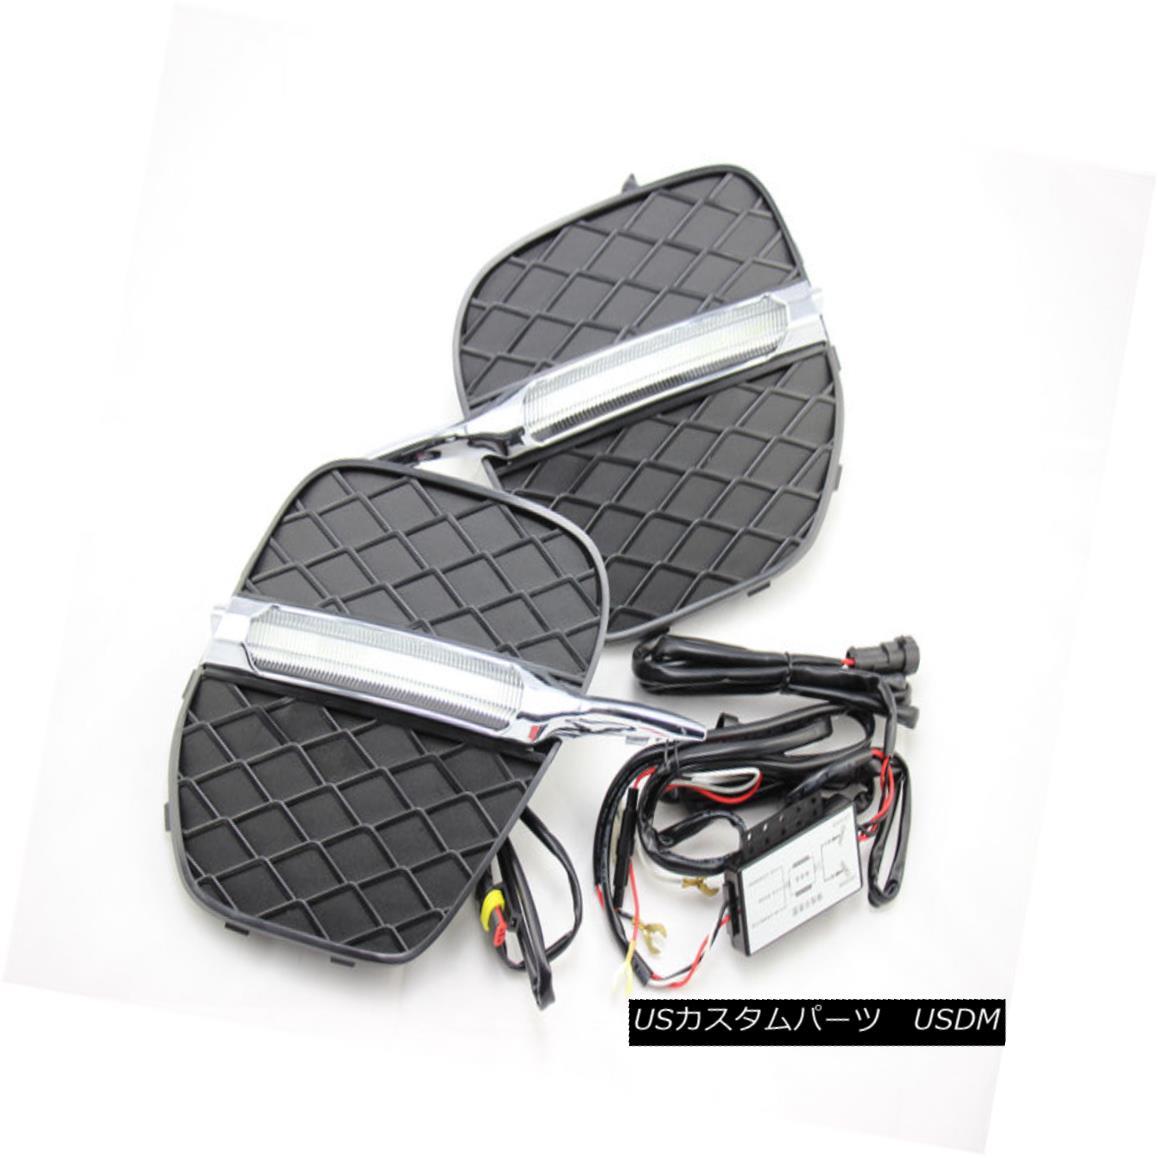 エアロパーツ DRL For BMW X5 E70 E70LCI 2011-2013 LED Driving Daytime Running Light/Lamp BMW X5 E70 E70LCI 2011-2013のためのDRL日中走行ランプ/ランプを駆動するLED